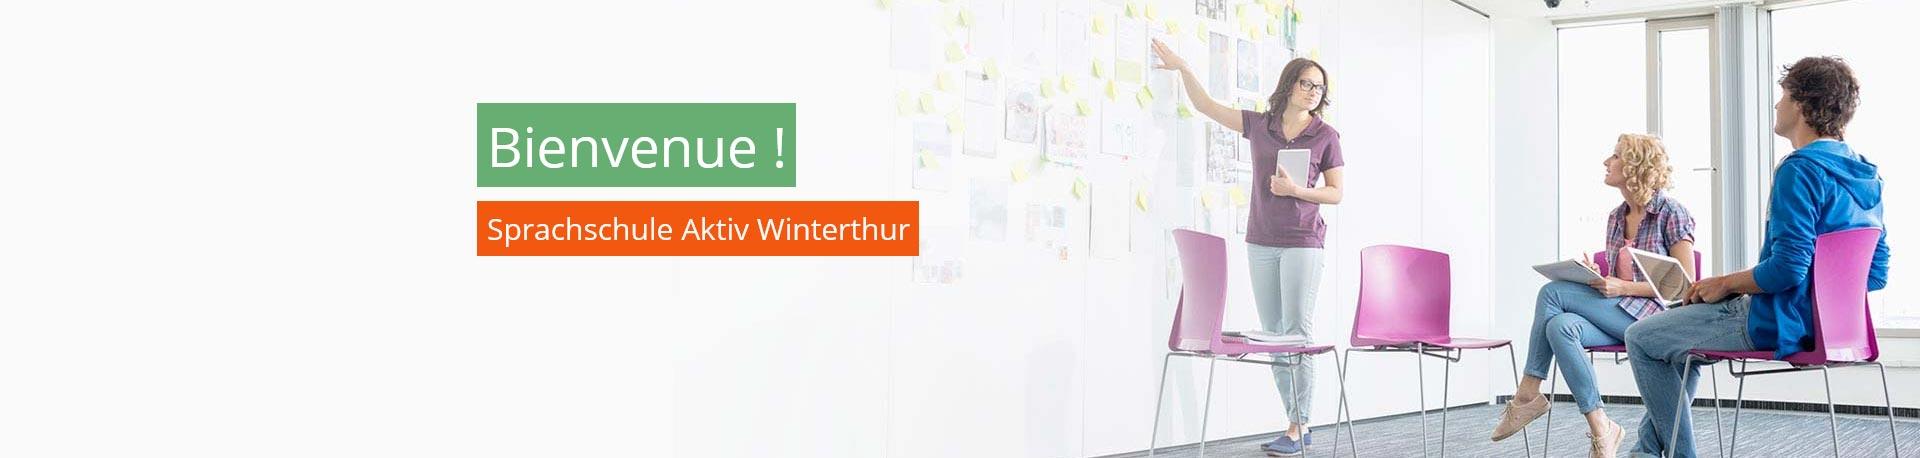 Apprendre l'allemand à Winterthour